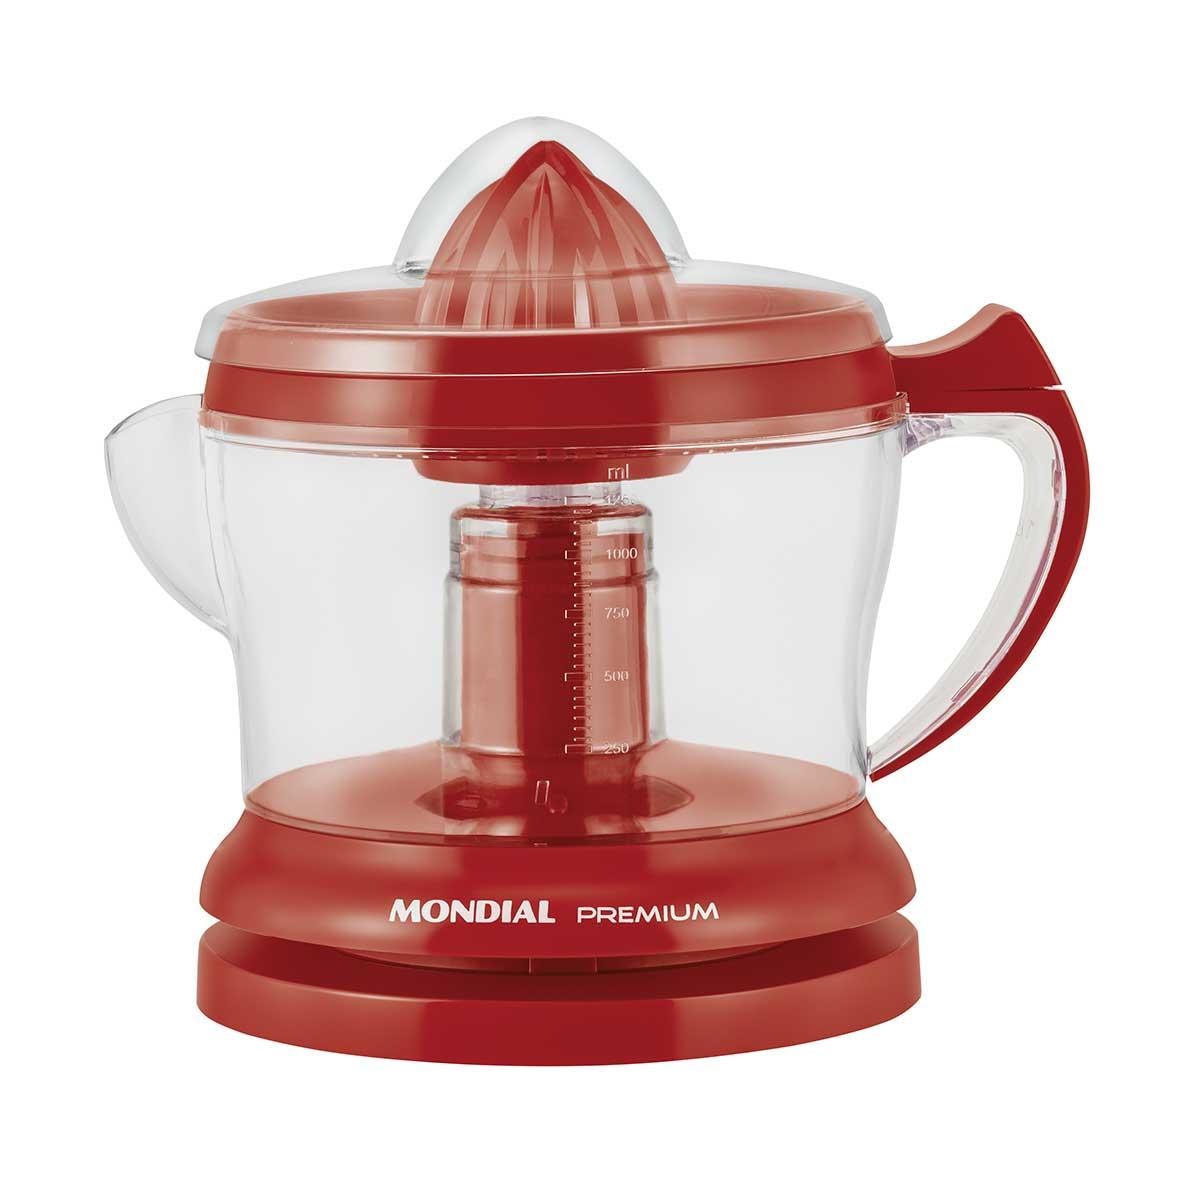 Imagem de  Espremedor de Frutas Mondial RED Premium E-23